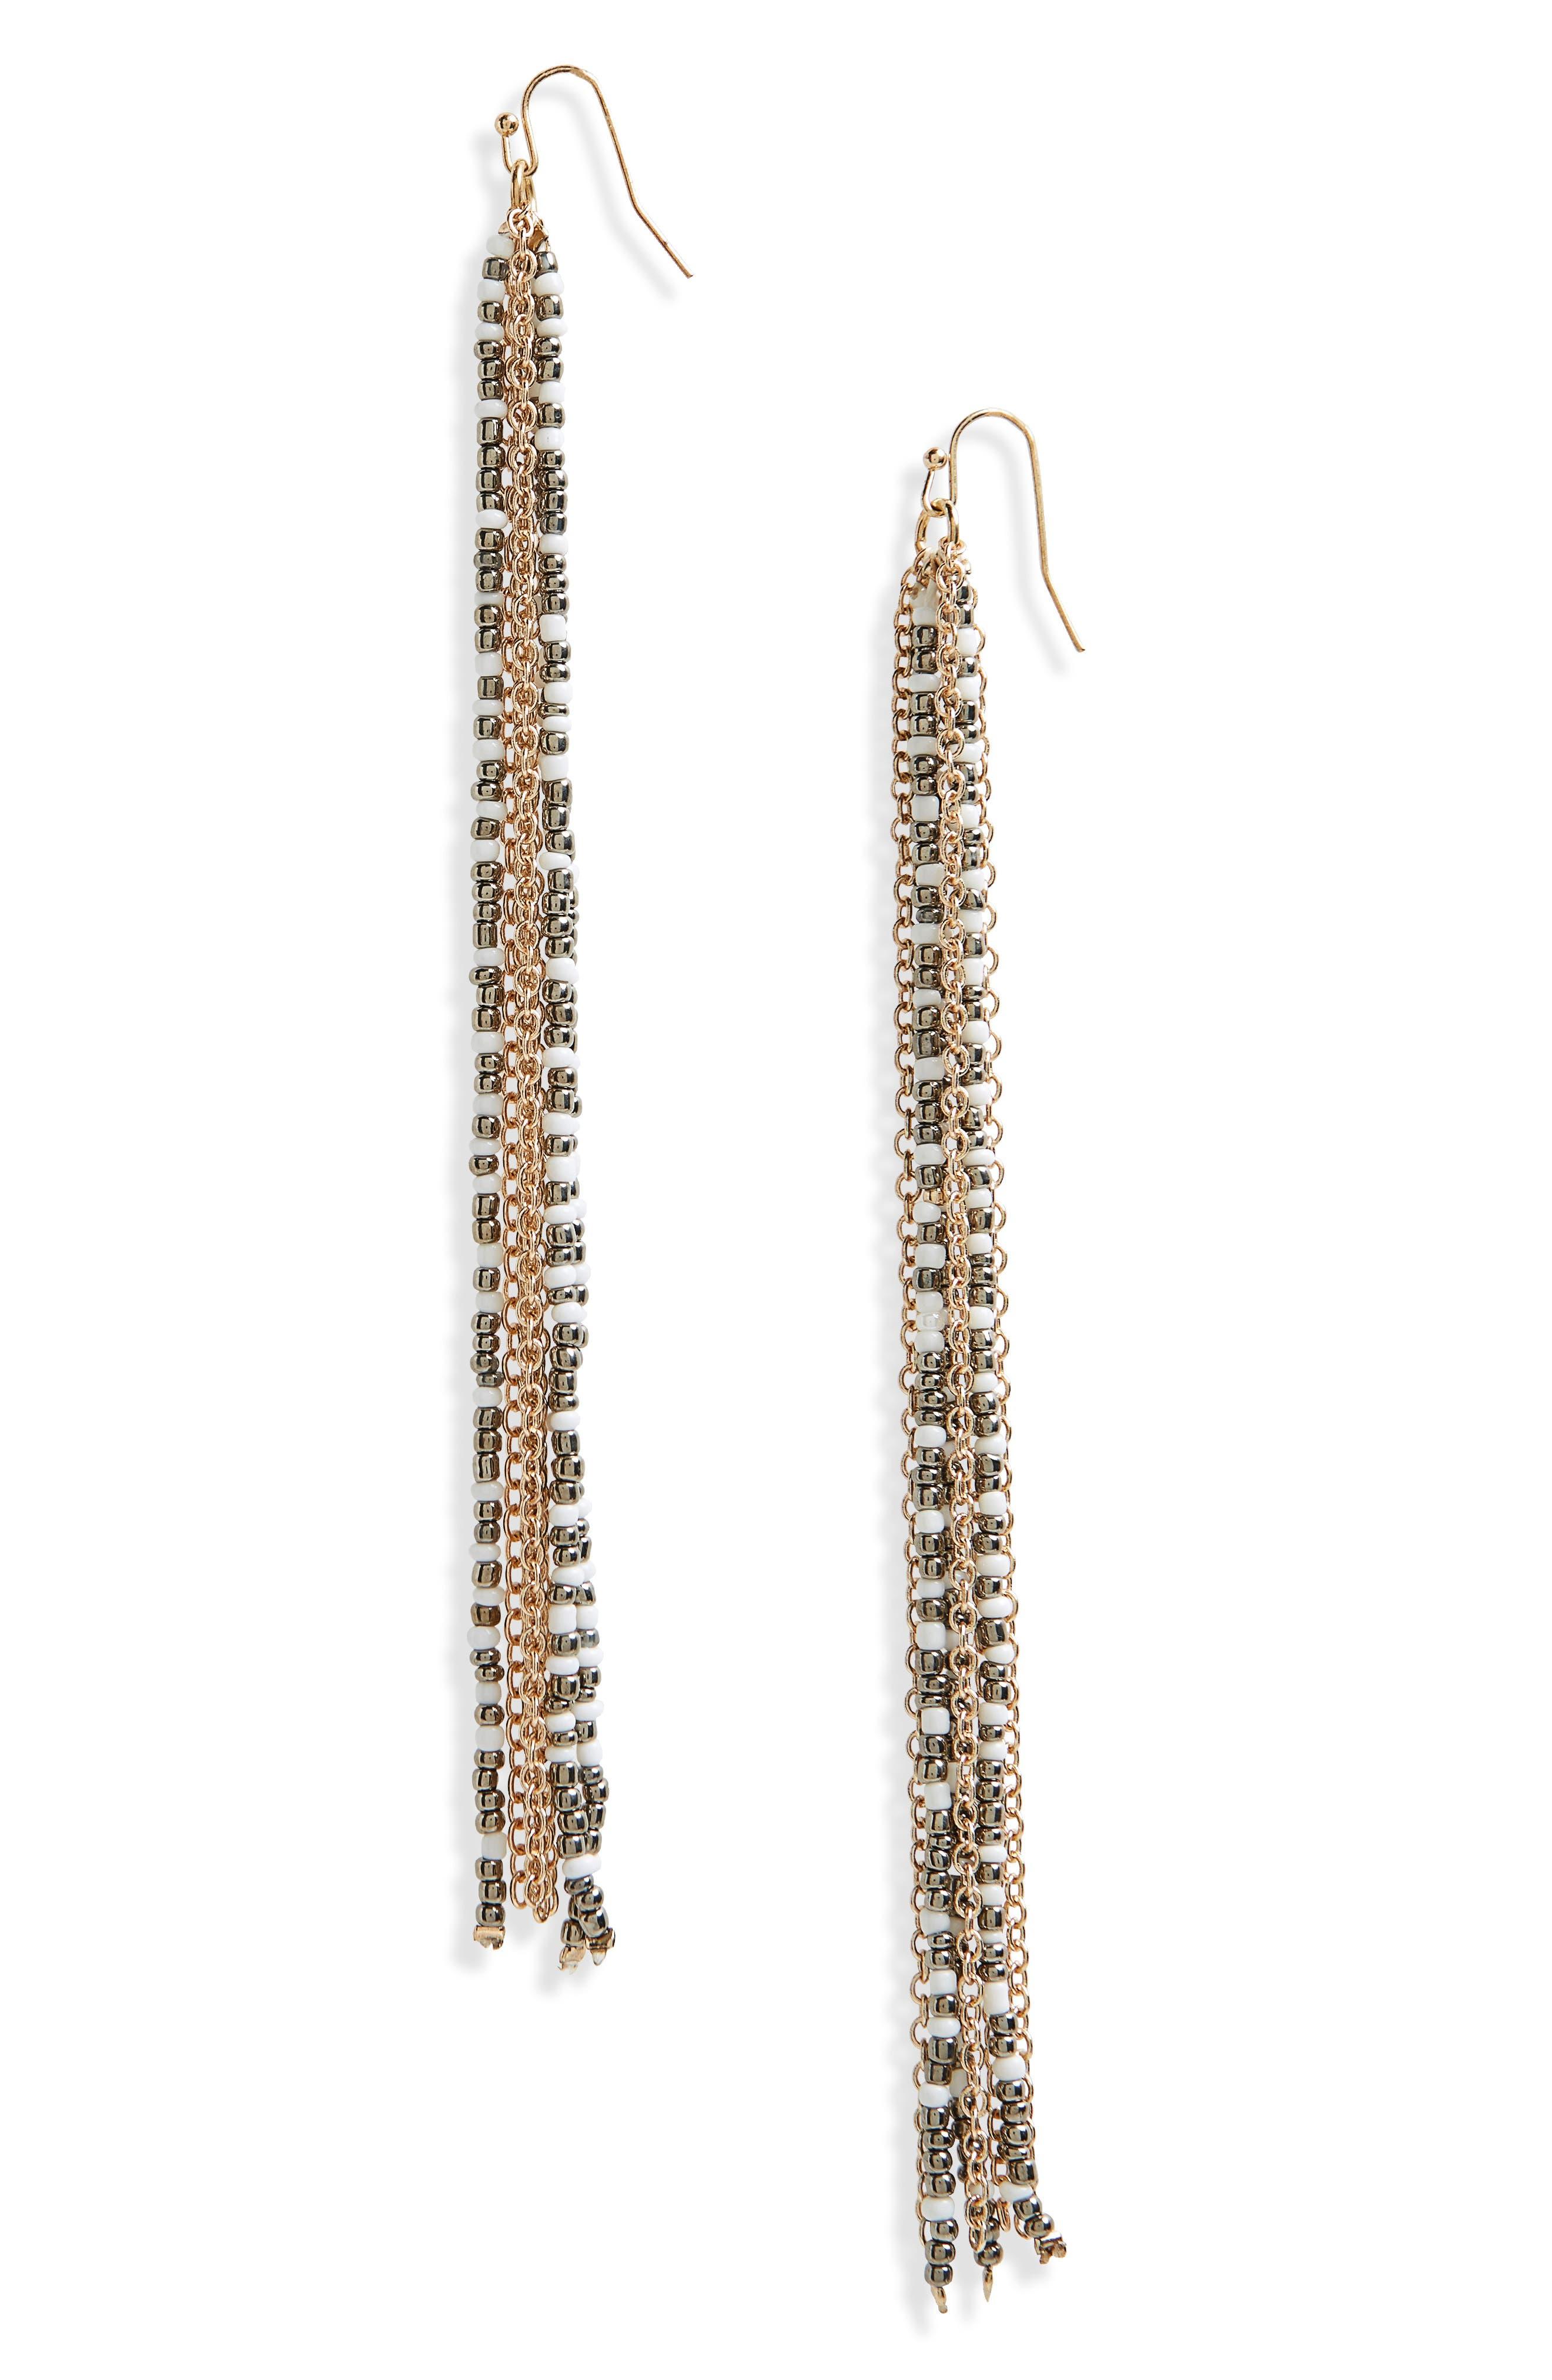 Linear Seed Bead Earrings,                             Main thumbnail 1, color,                             100